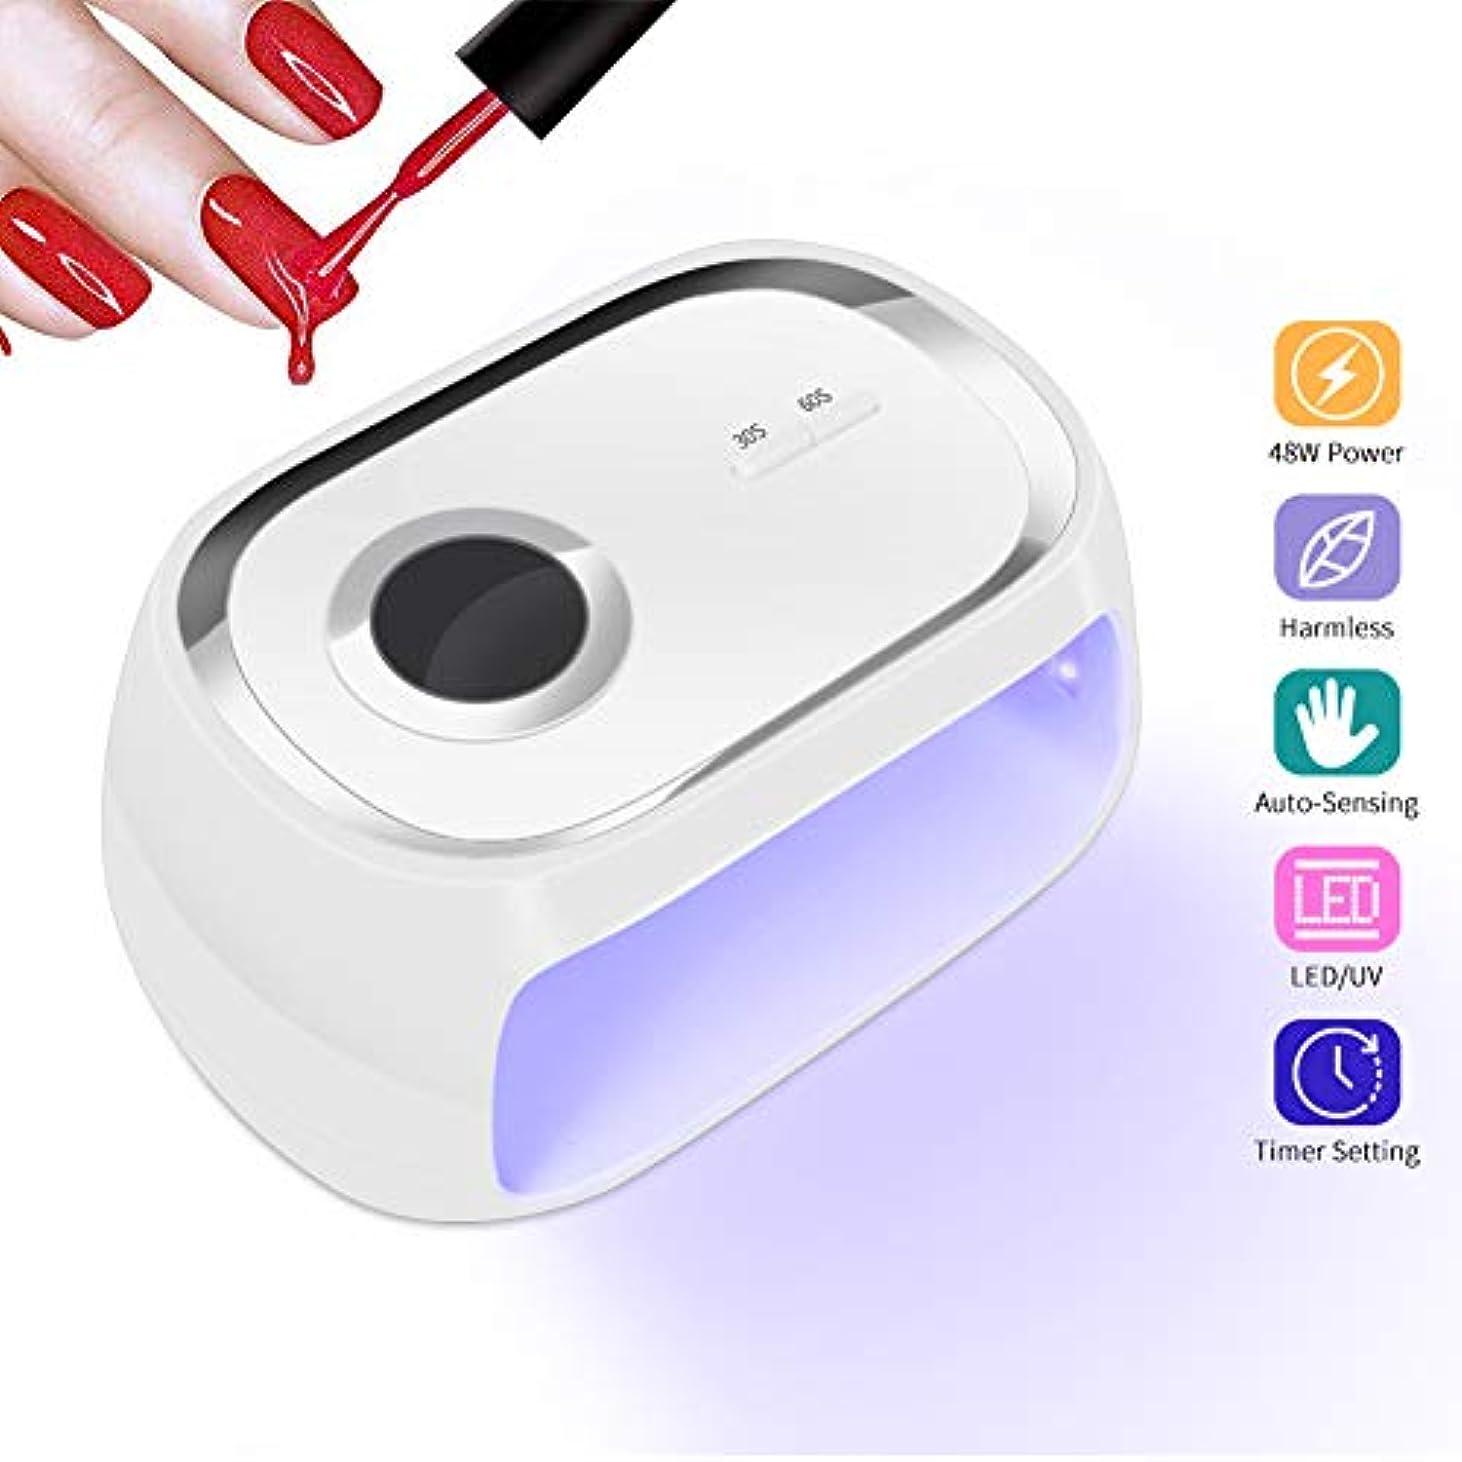 ペパーミントボリューム作り上げるネイルグルー用LED UVランプ、ジェルポリッシング用48Wクイックネイルドライヤー、ネイルライト、スマートオートセンシング、2つのタイマー設定、LEDデジタルディスプレイ、ネイルおよびネイル用ネイル